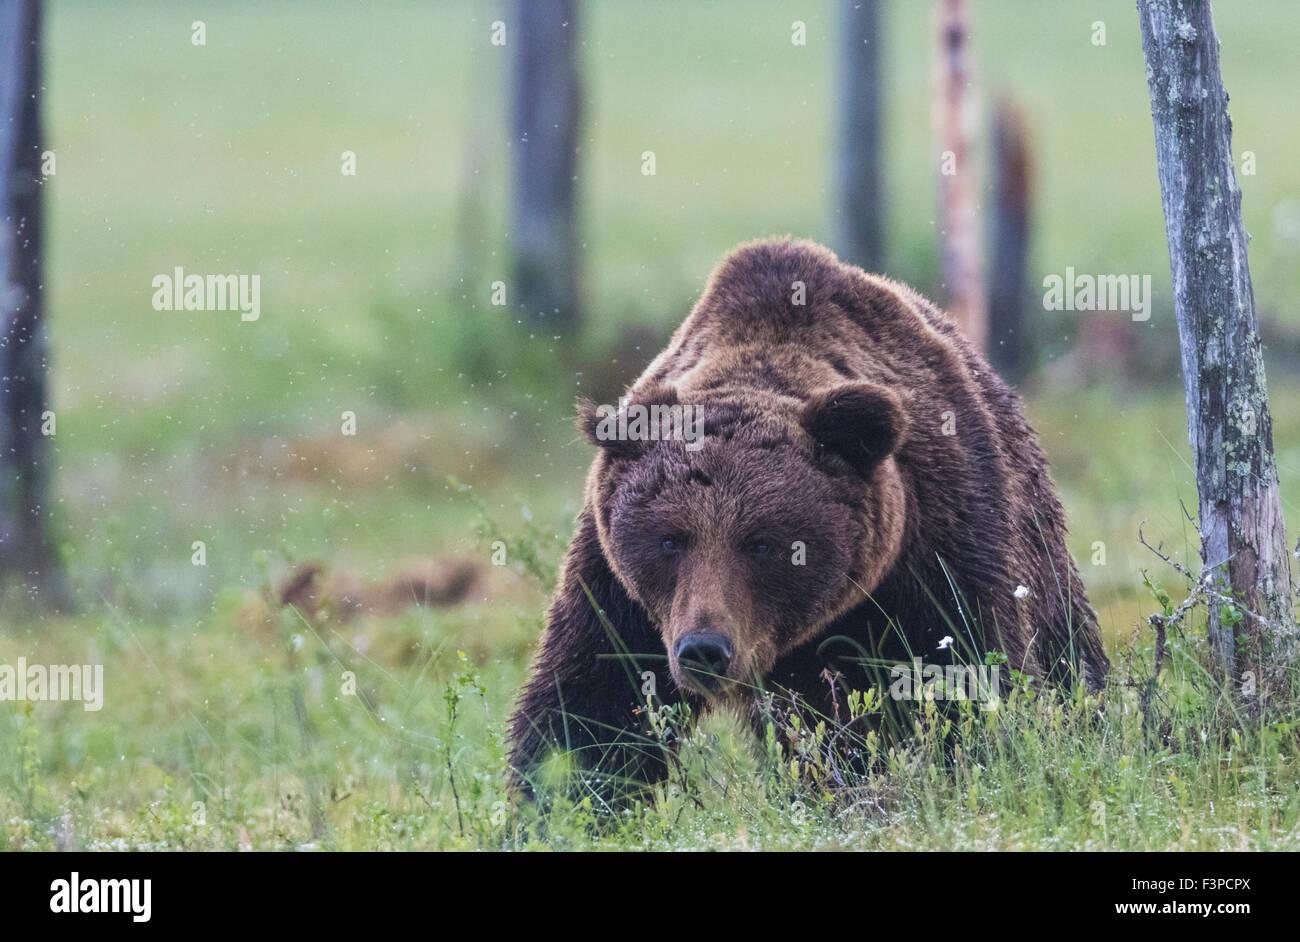 Oso Pardo, Ursus arctos, caminando sobre un musgo hacia la cámara, bajar la cabeza y mirando hacia delante, Imagen De Stock